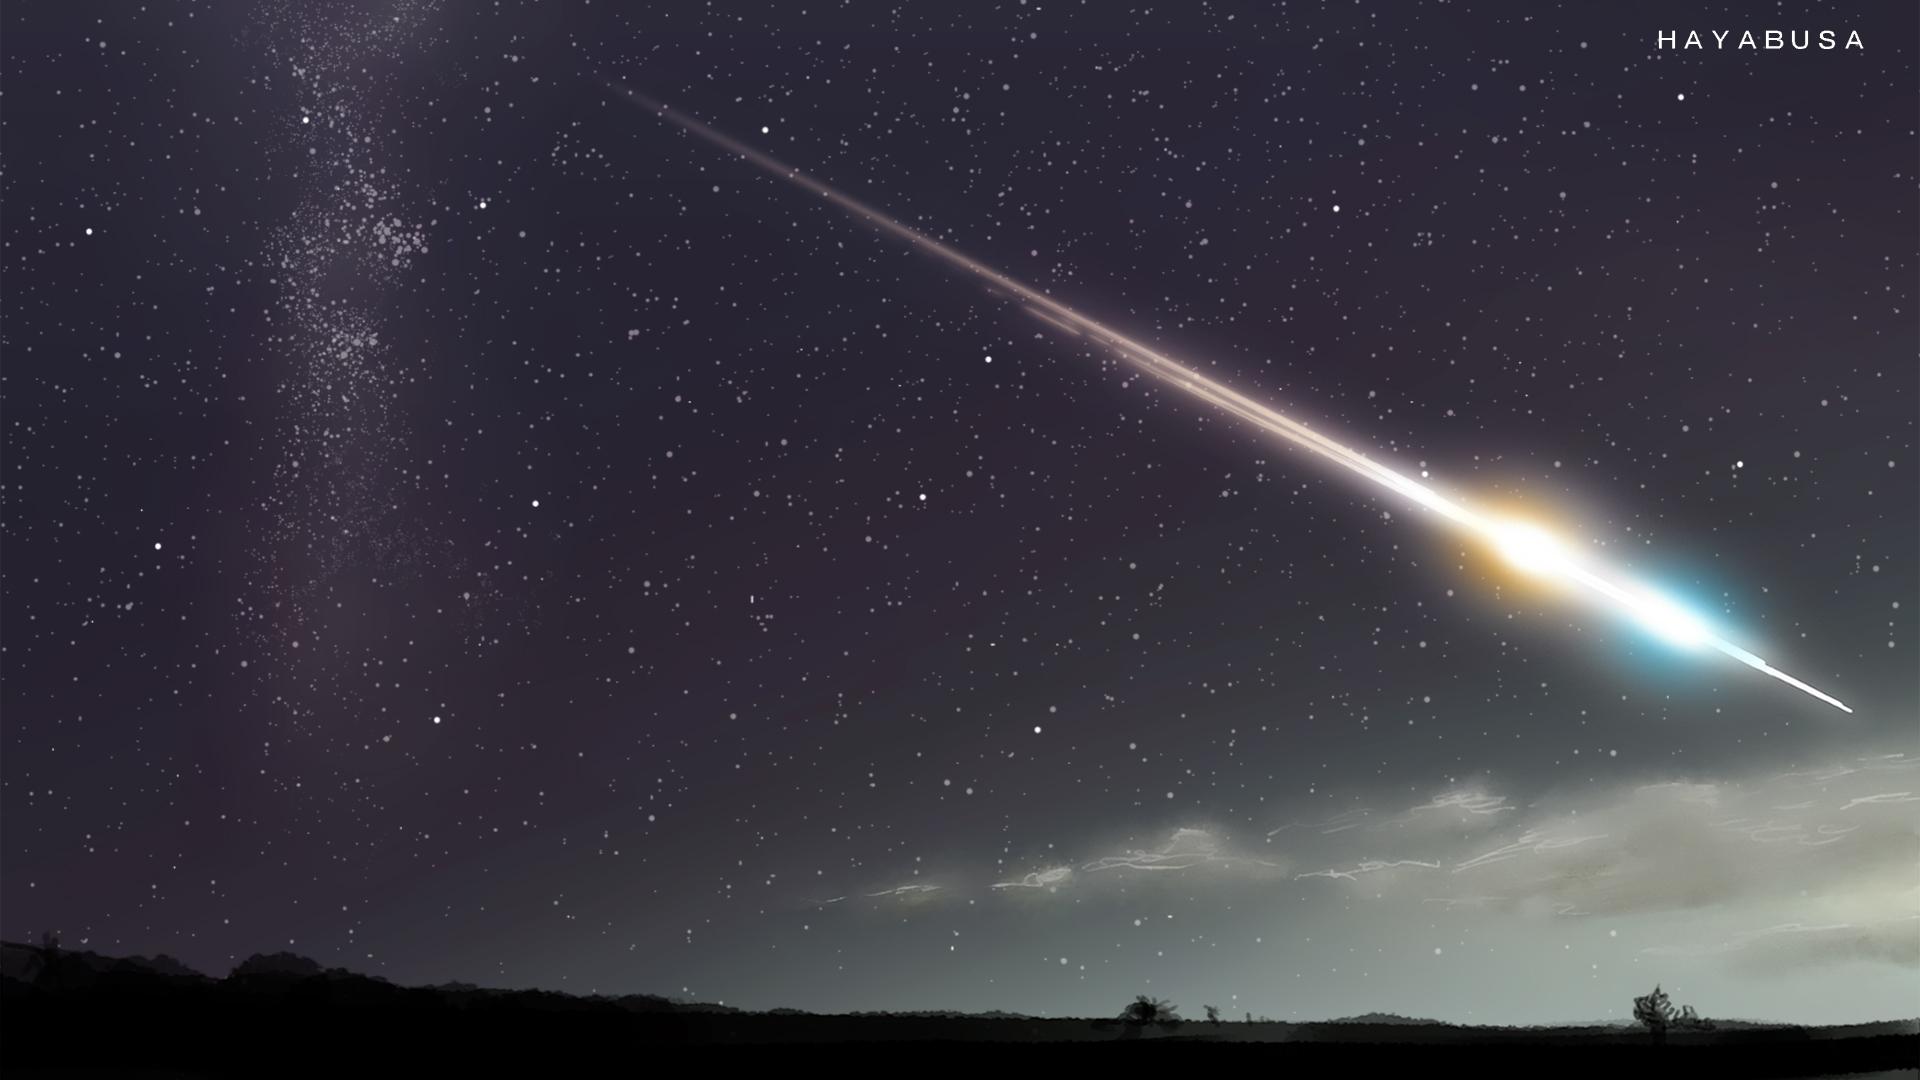 ثبت اولین قربانی انسانی برخورد یک شیء آسمانی!